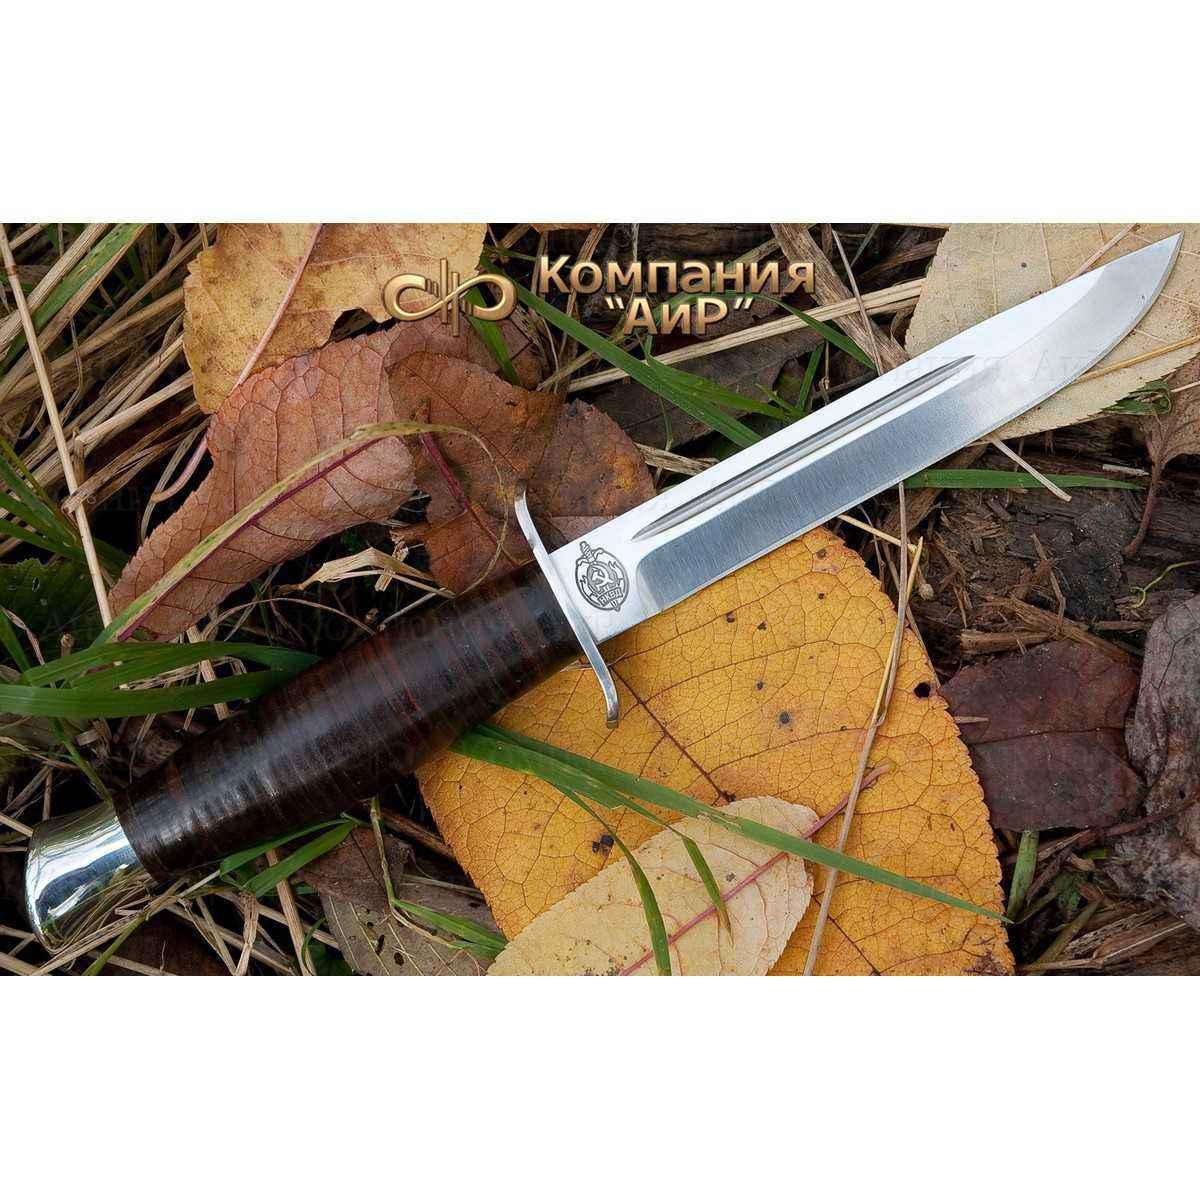 Нож АиР Финка-2, сталь 110х18 М-ШД, рукоять кожа